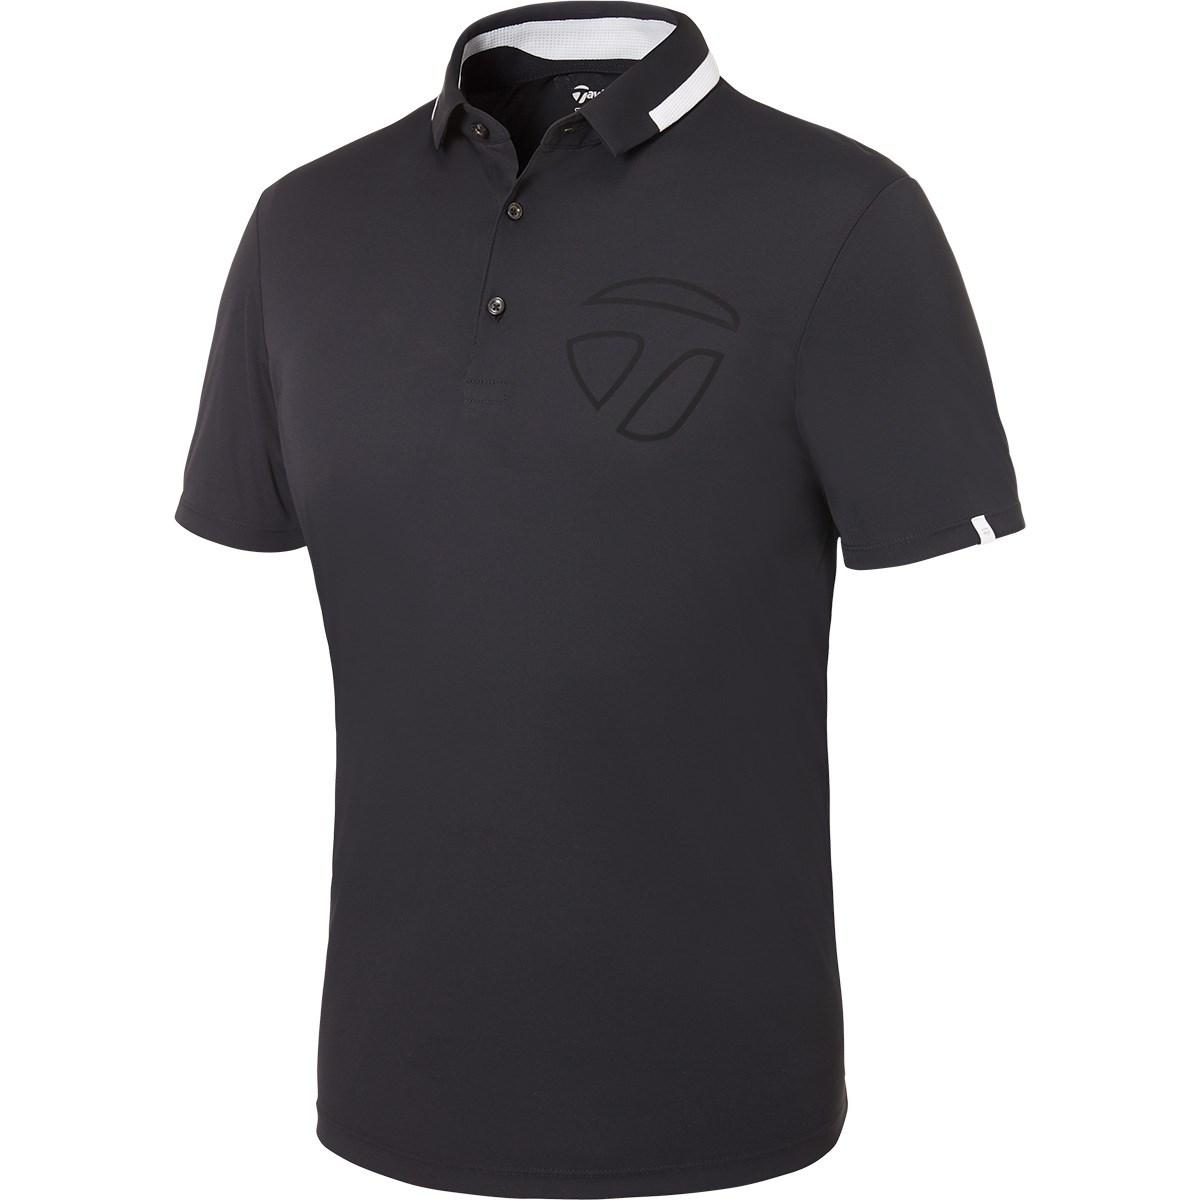 テーラーメイド(Taylor Made) ビッグメタルT 半袖ポロシャツ